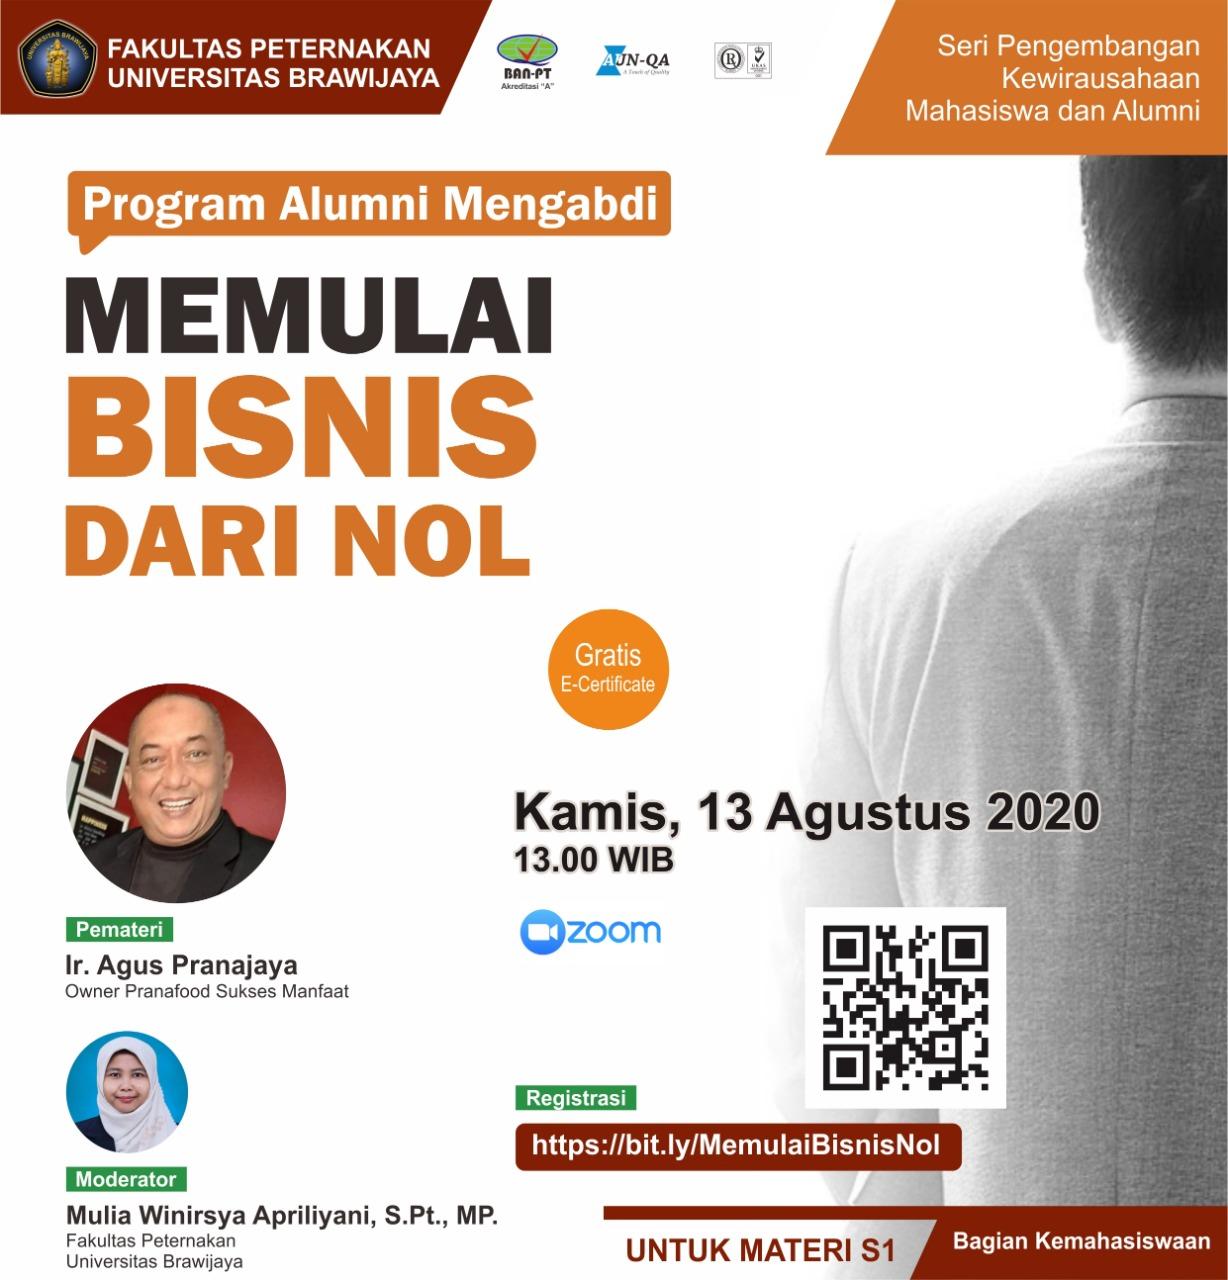 Seminar Online Memulai Bisnis dari Nol